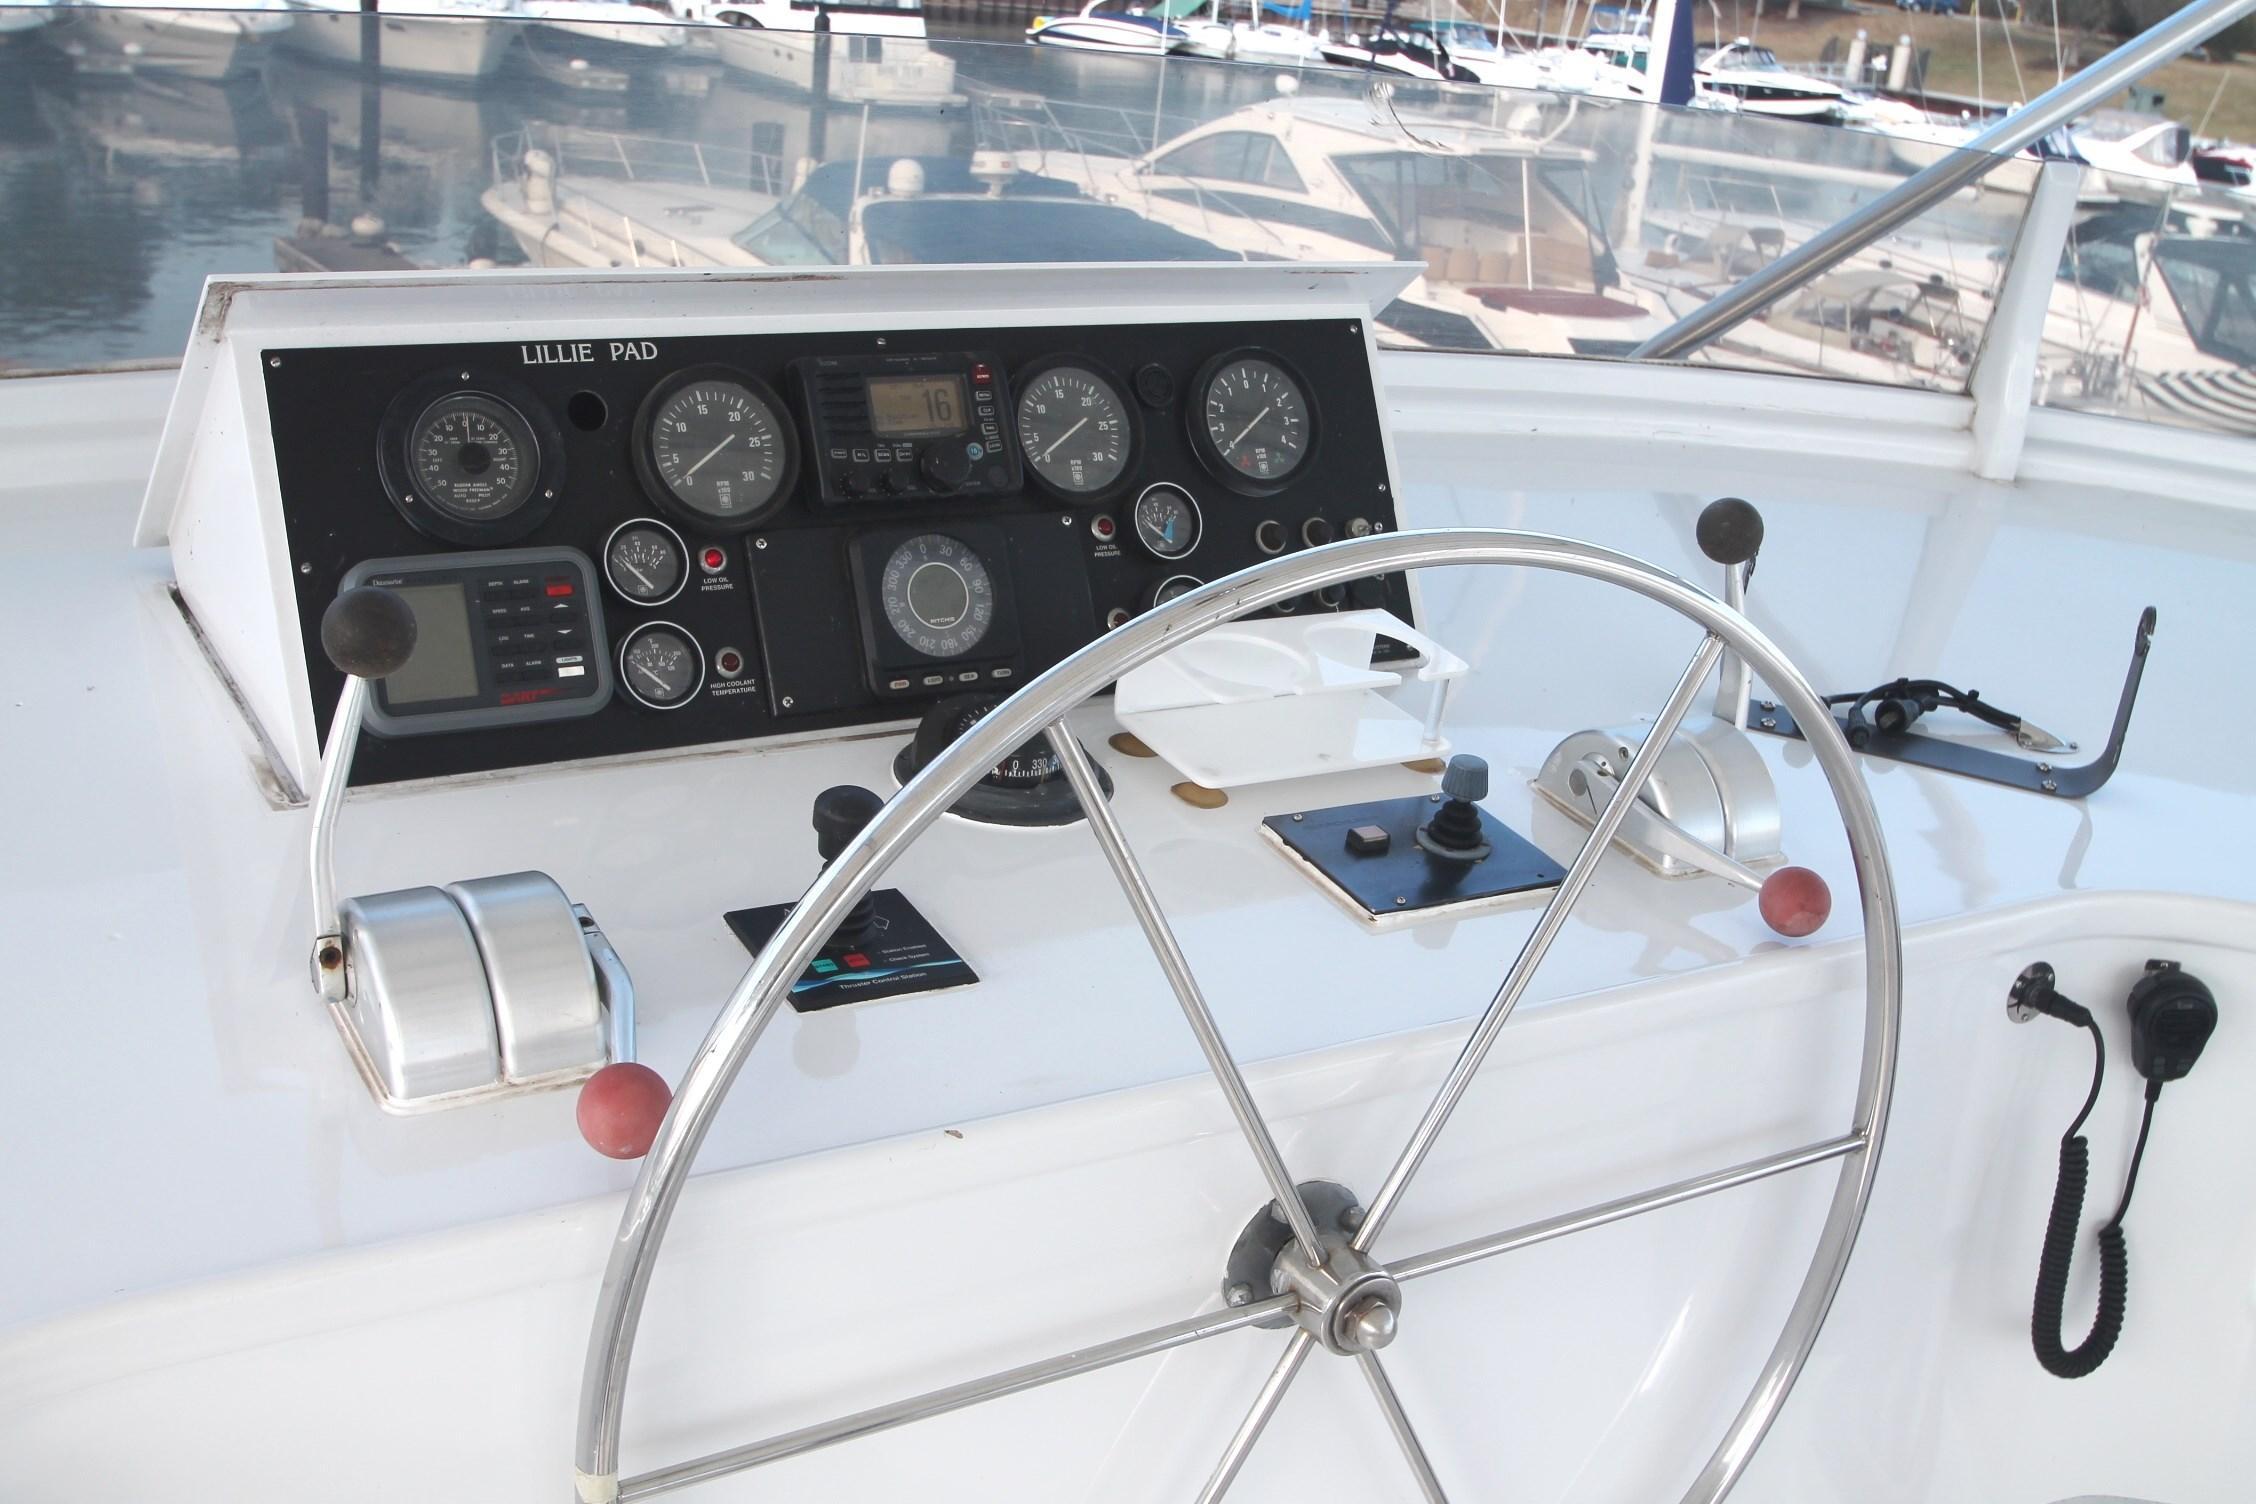 Bridge Helm--Instrument Cluster Opened